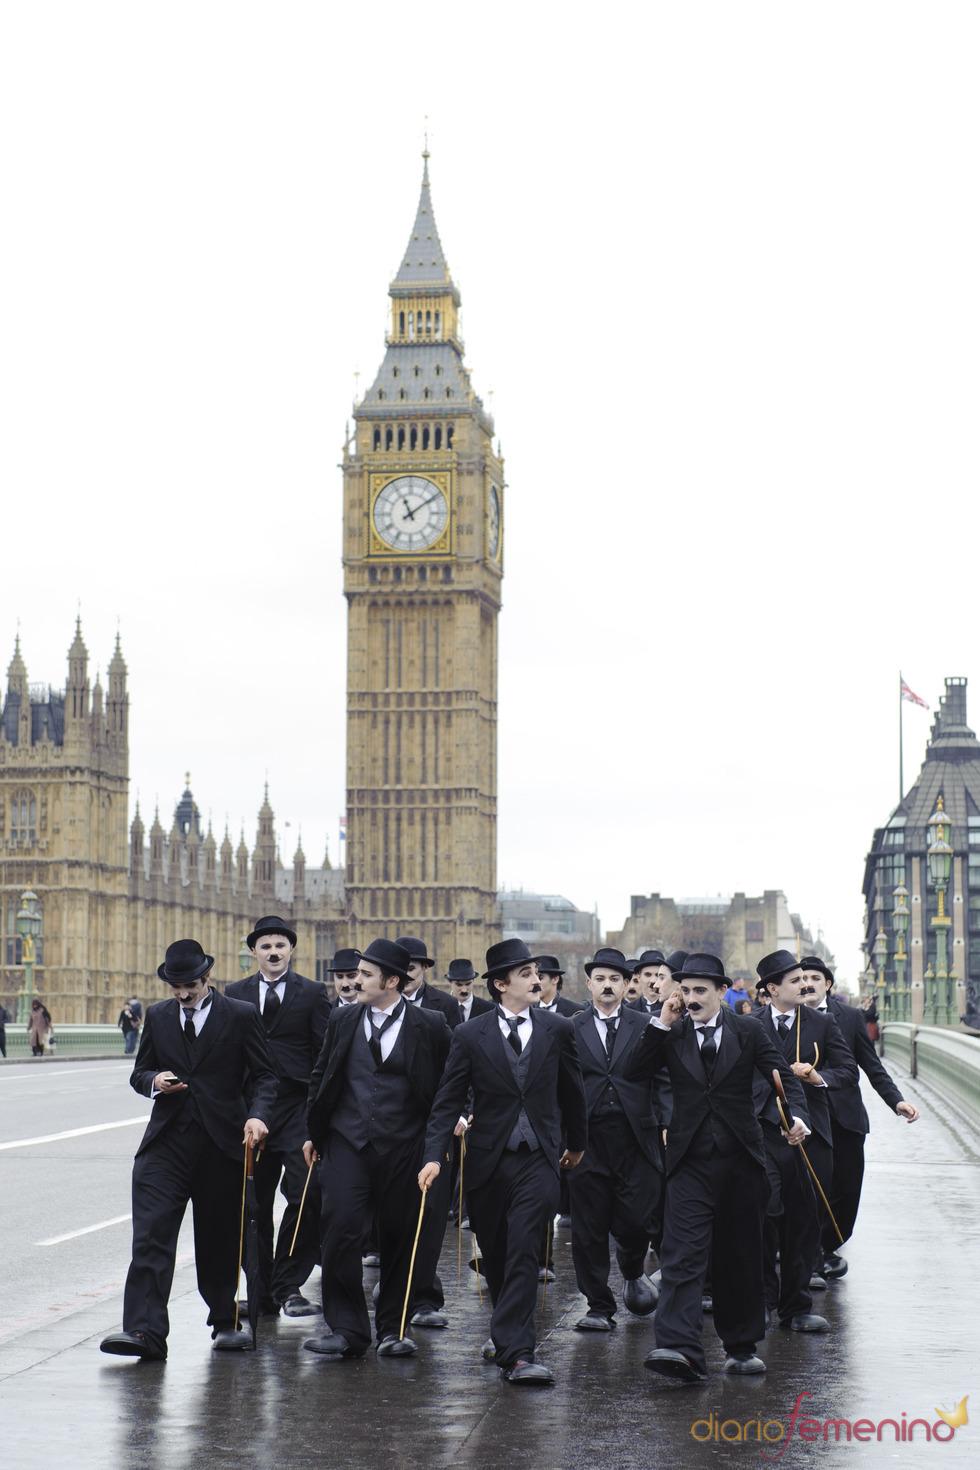 Los dobles de Charlot pasean por las calles de Londres